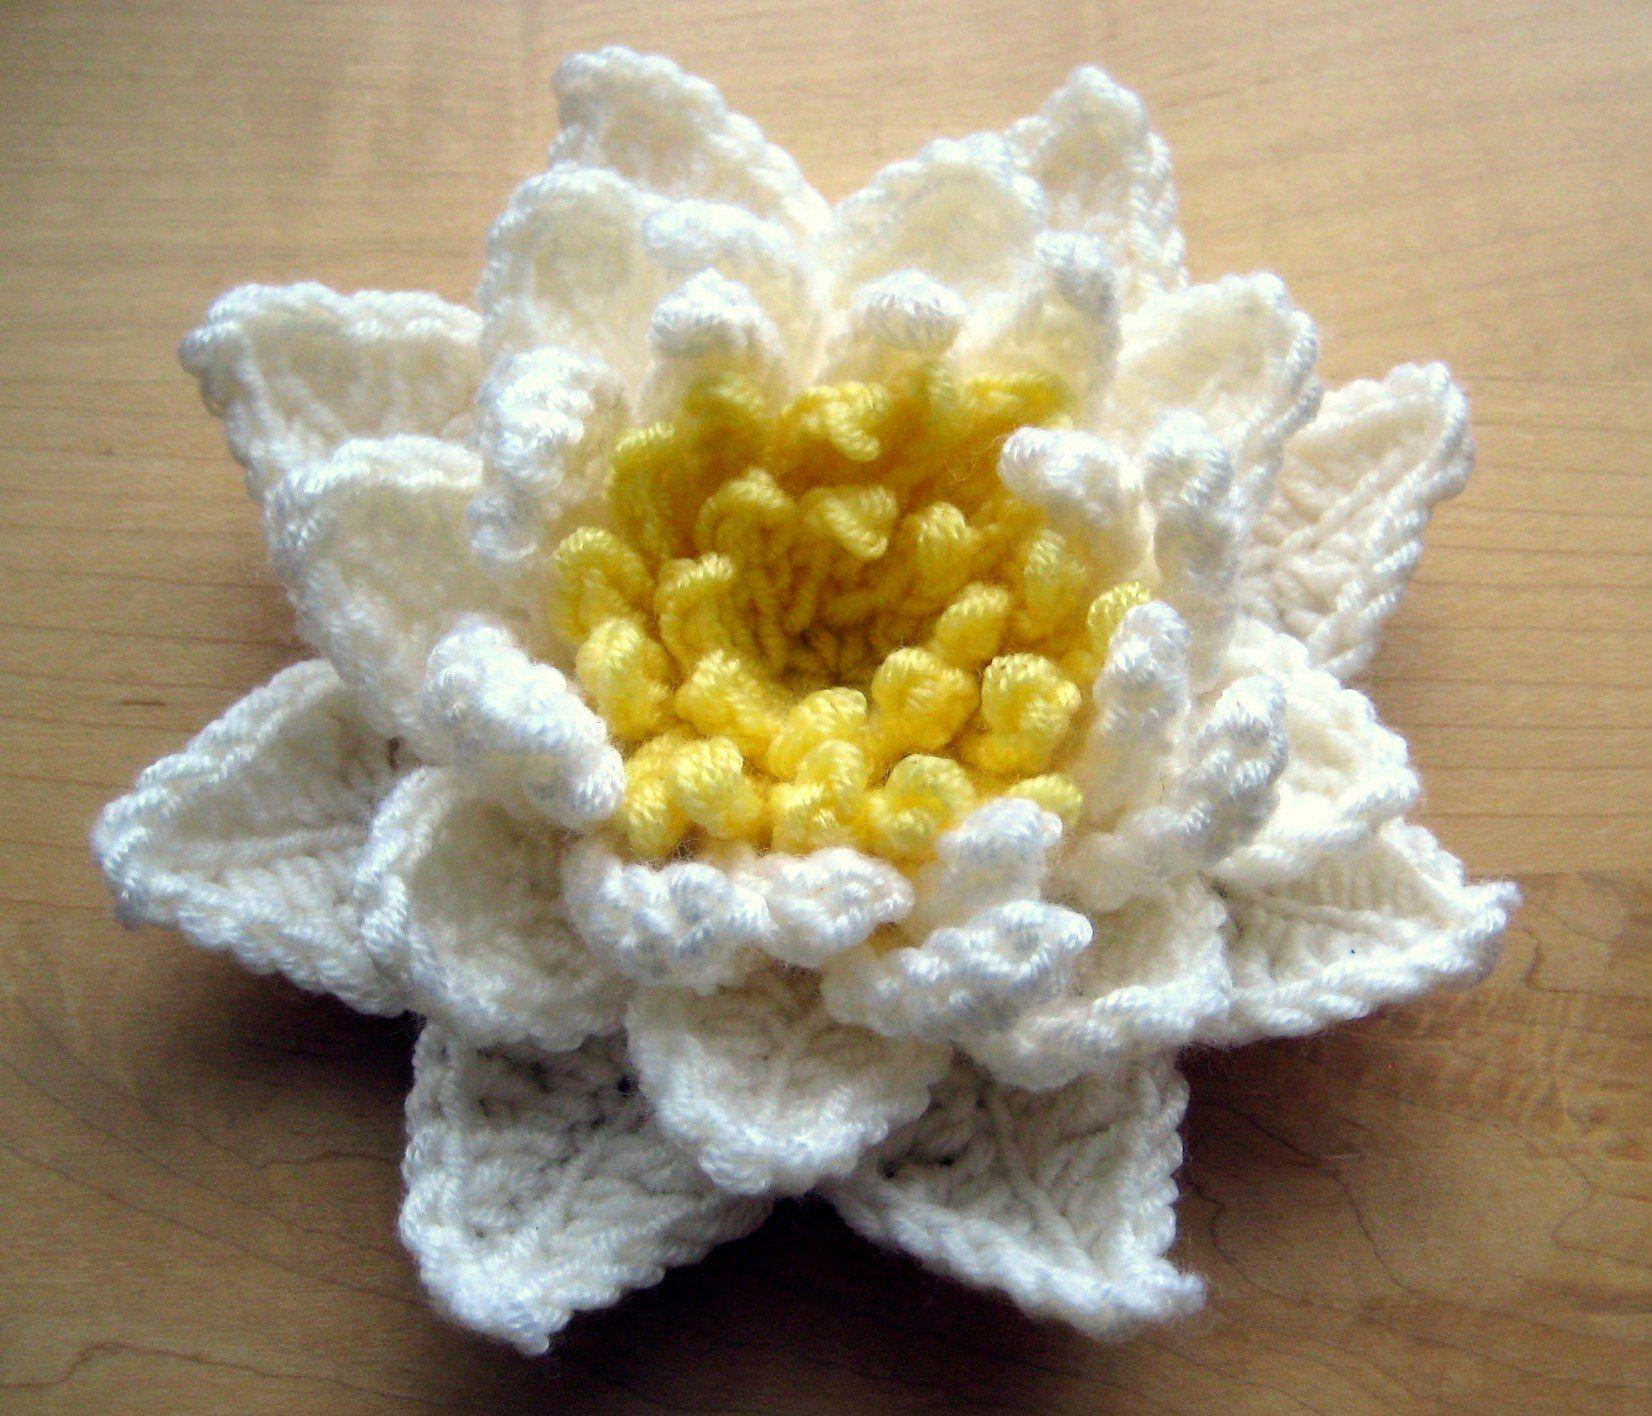 Water Lily Crochet Pattern Crochet Project Crochet Crochet